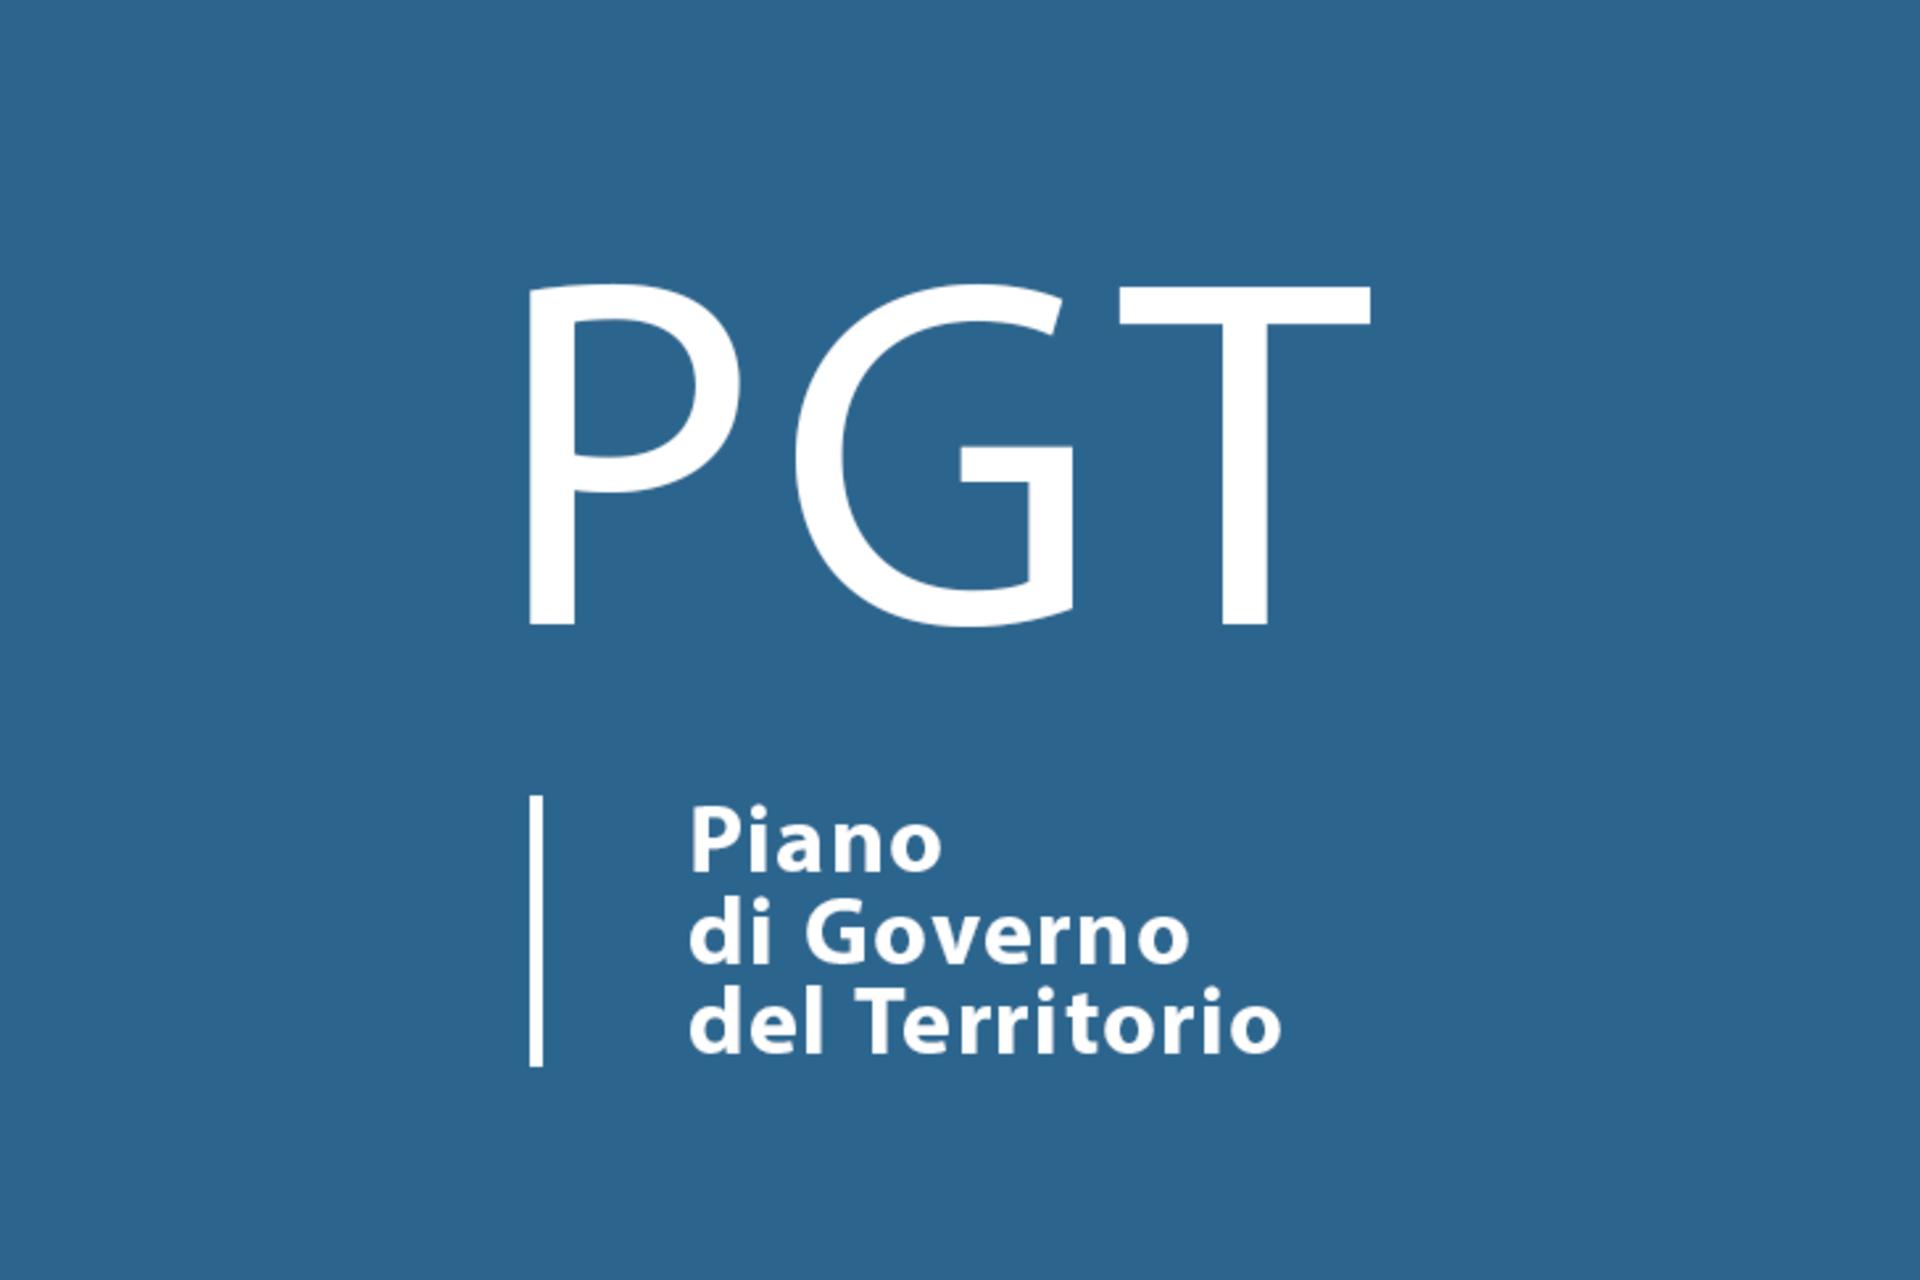 Avviso di avvio del procedimento di variante al Piano di Governo del Territorio (P.G.T)